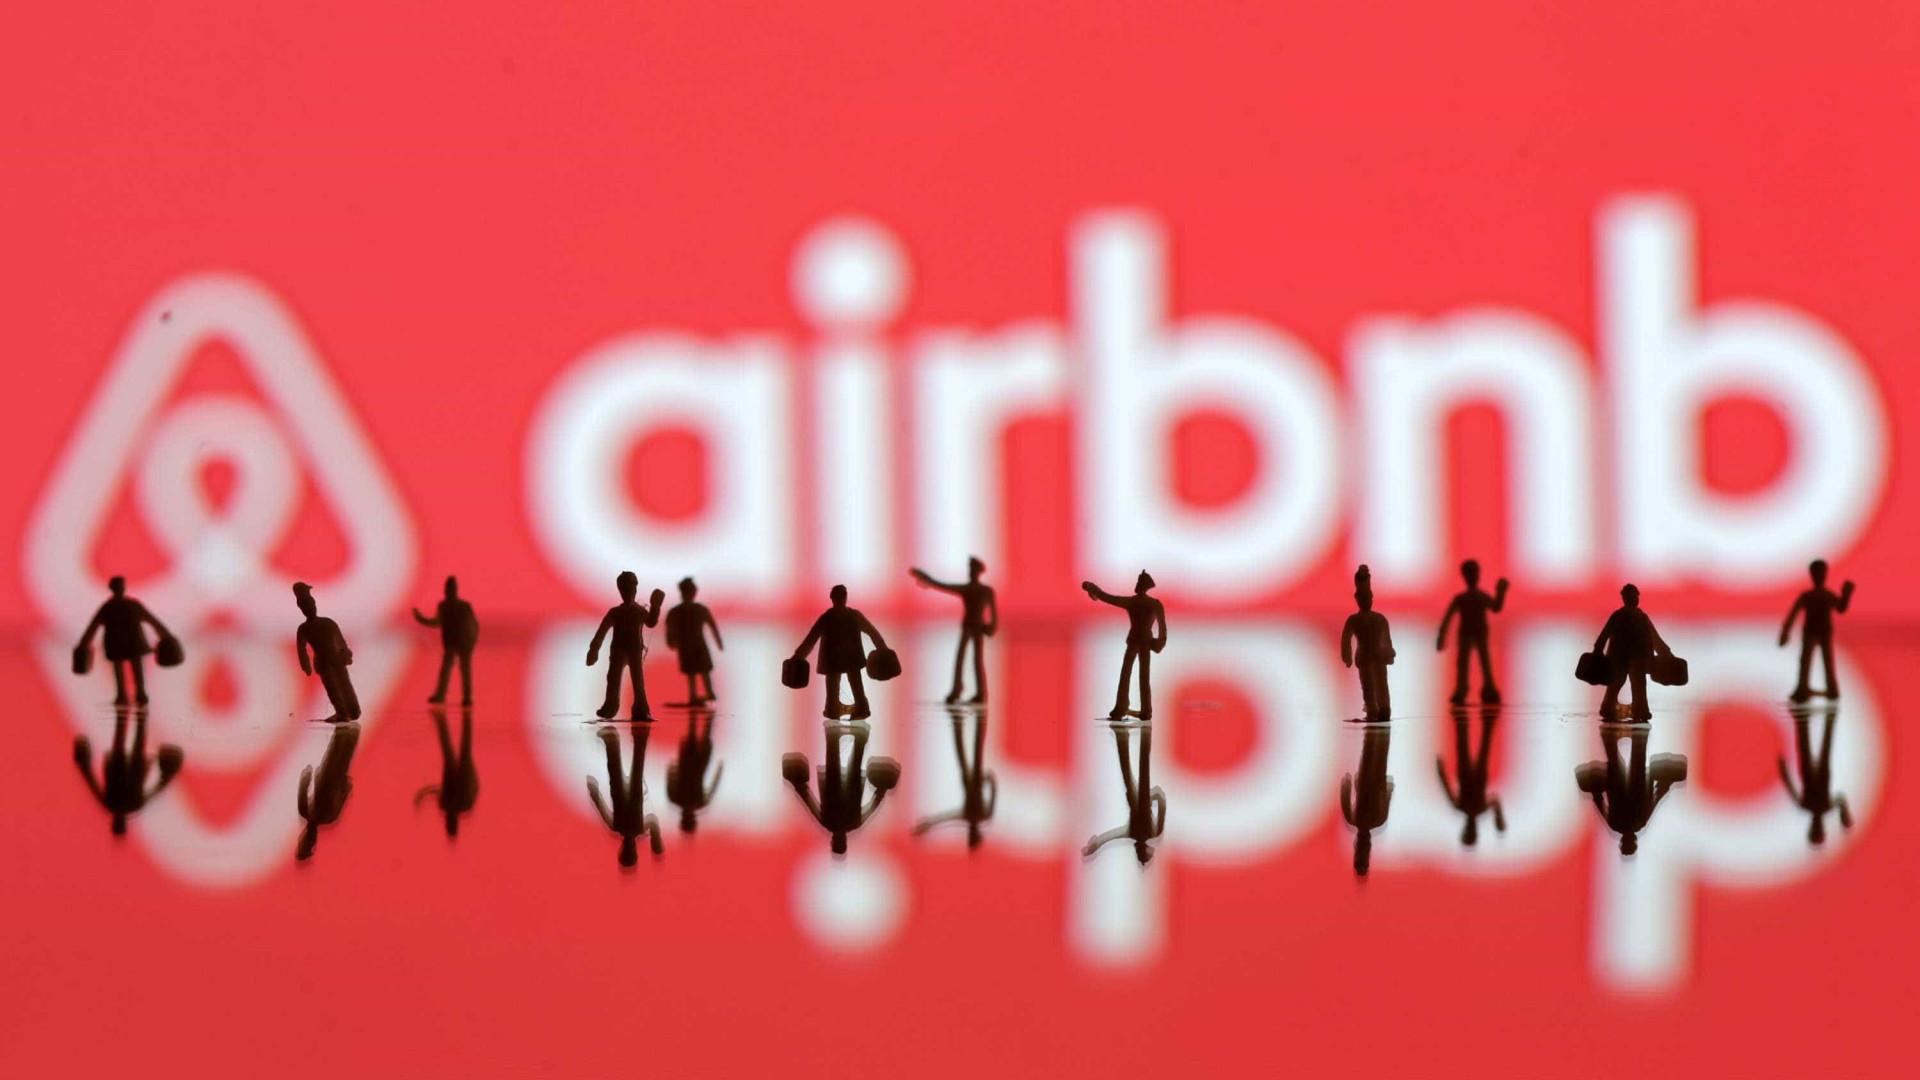 Por pandemia, Airbnb dispensará 25% dos seus funcionários